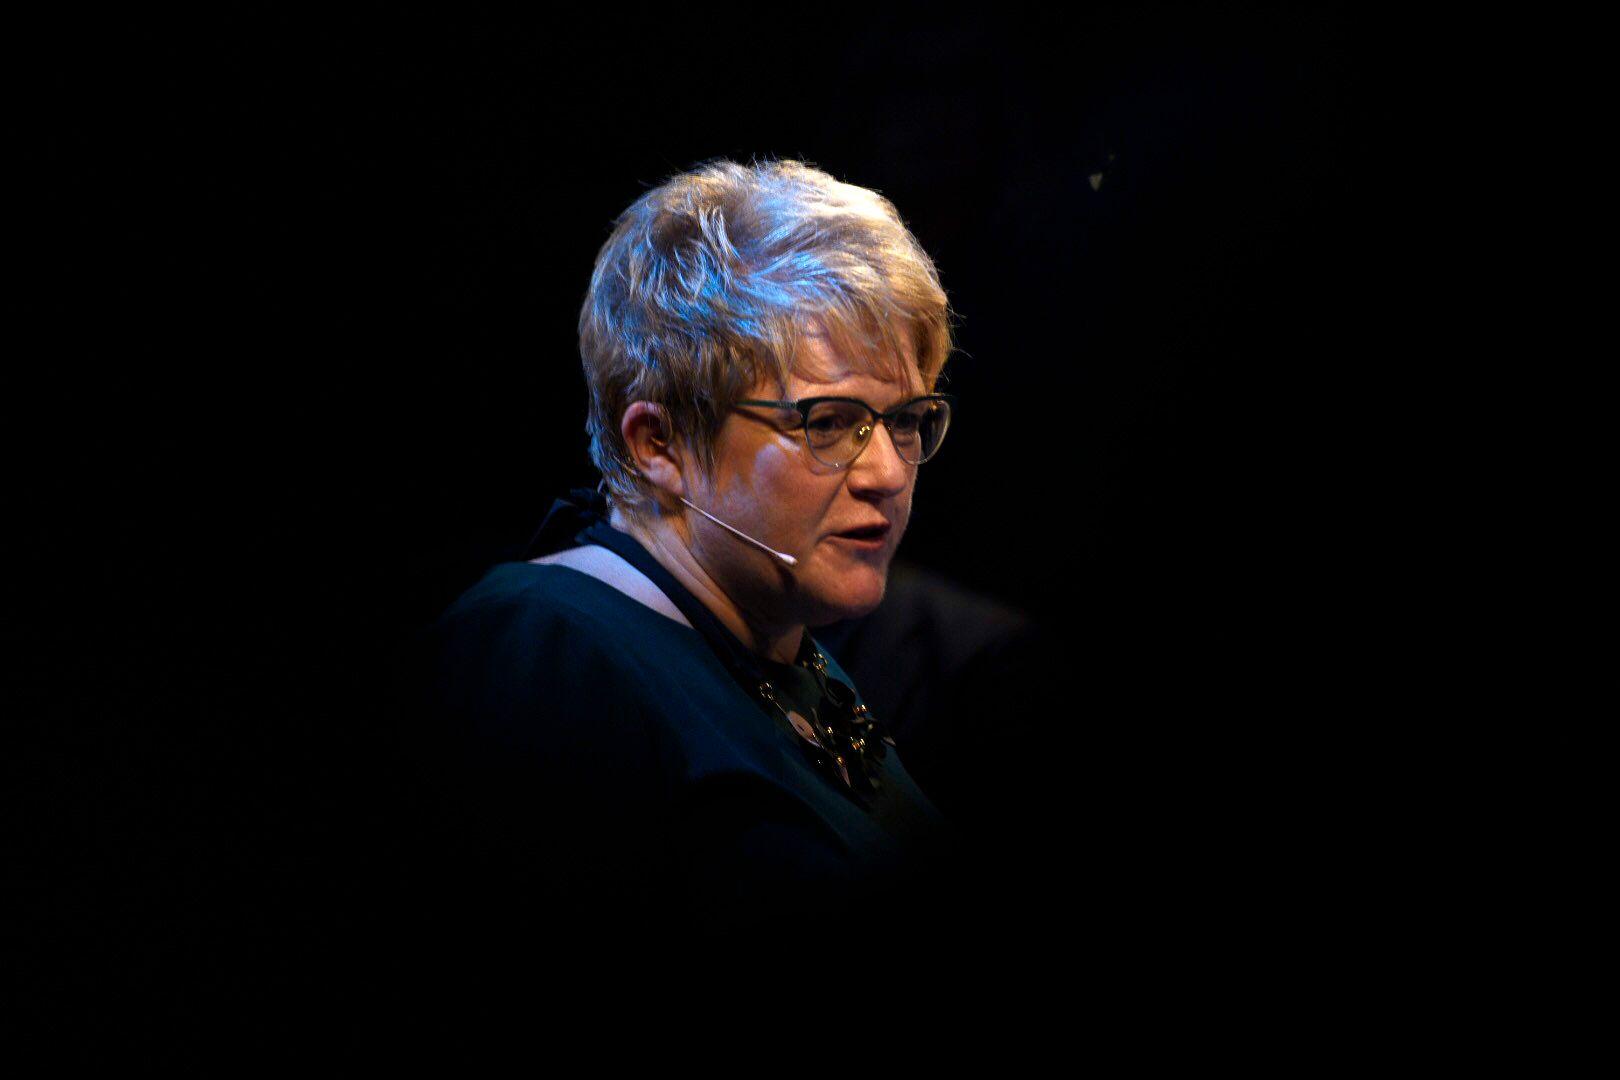 DRAMATIKKENS HUS: Trine Skei Grande presenterte mandag statsbudsjettet og sitt eget kulturbudsjett i Dramatikkens Hus. Det kan være mer drama i vente i KrF de neste ukene.